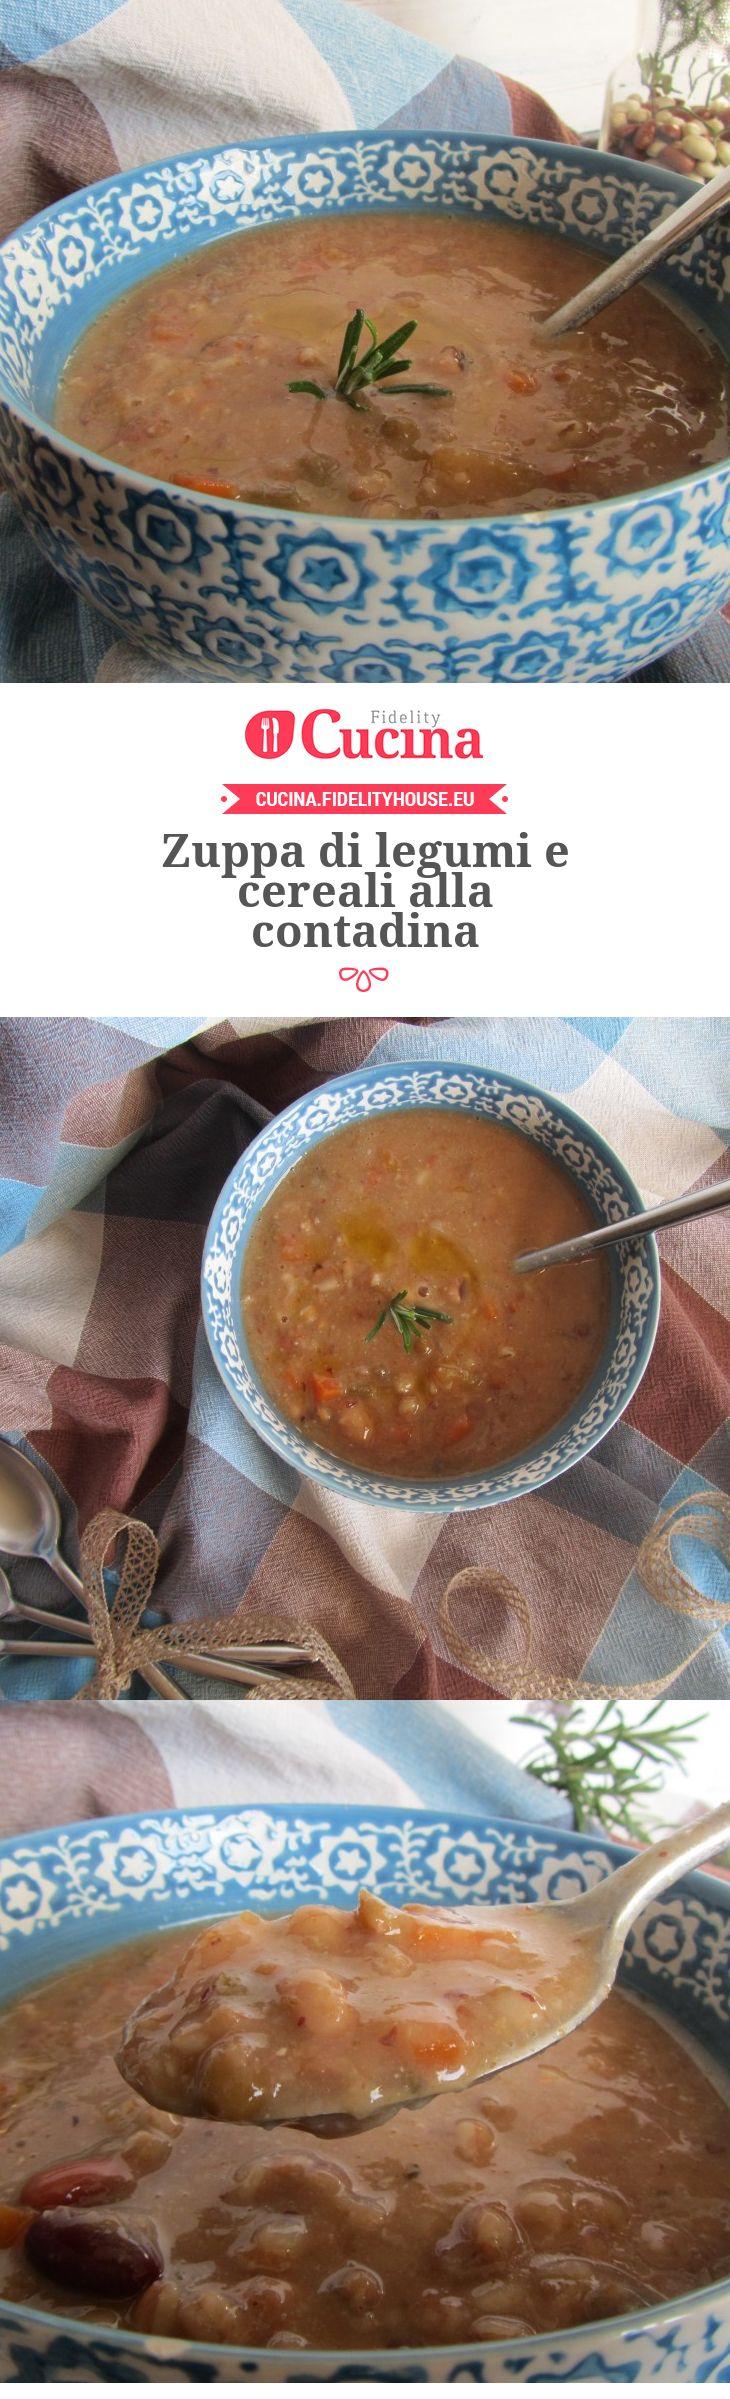 Zuppa di legumi e cereali alla contadina